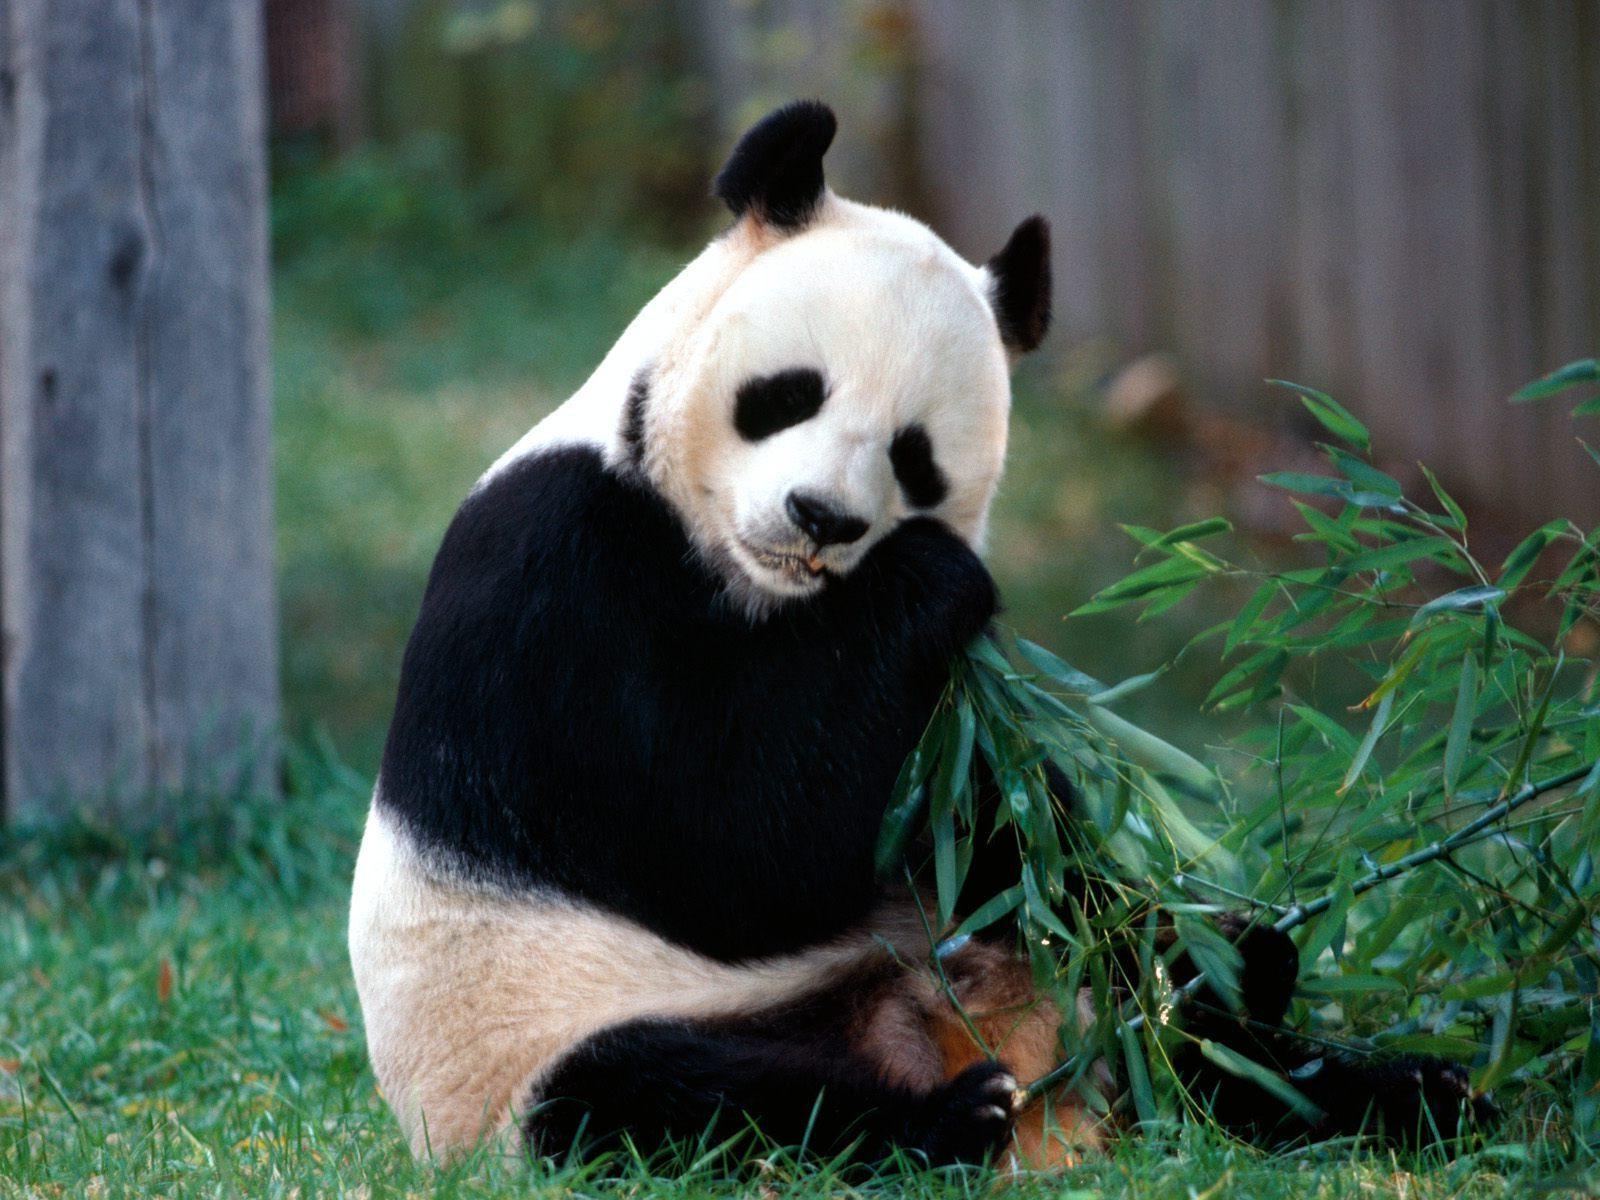 IMAGENES ANIMALES EN ALTA DEFINICION: IMAGEN OSO PANDA